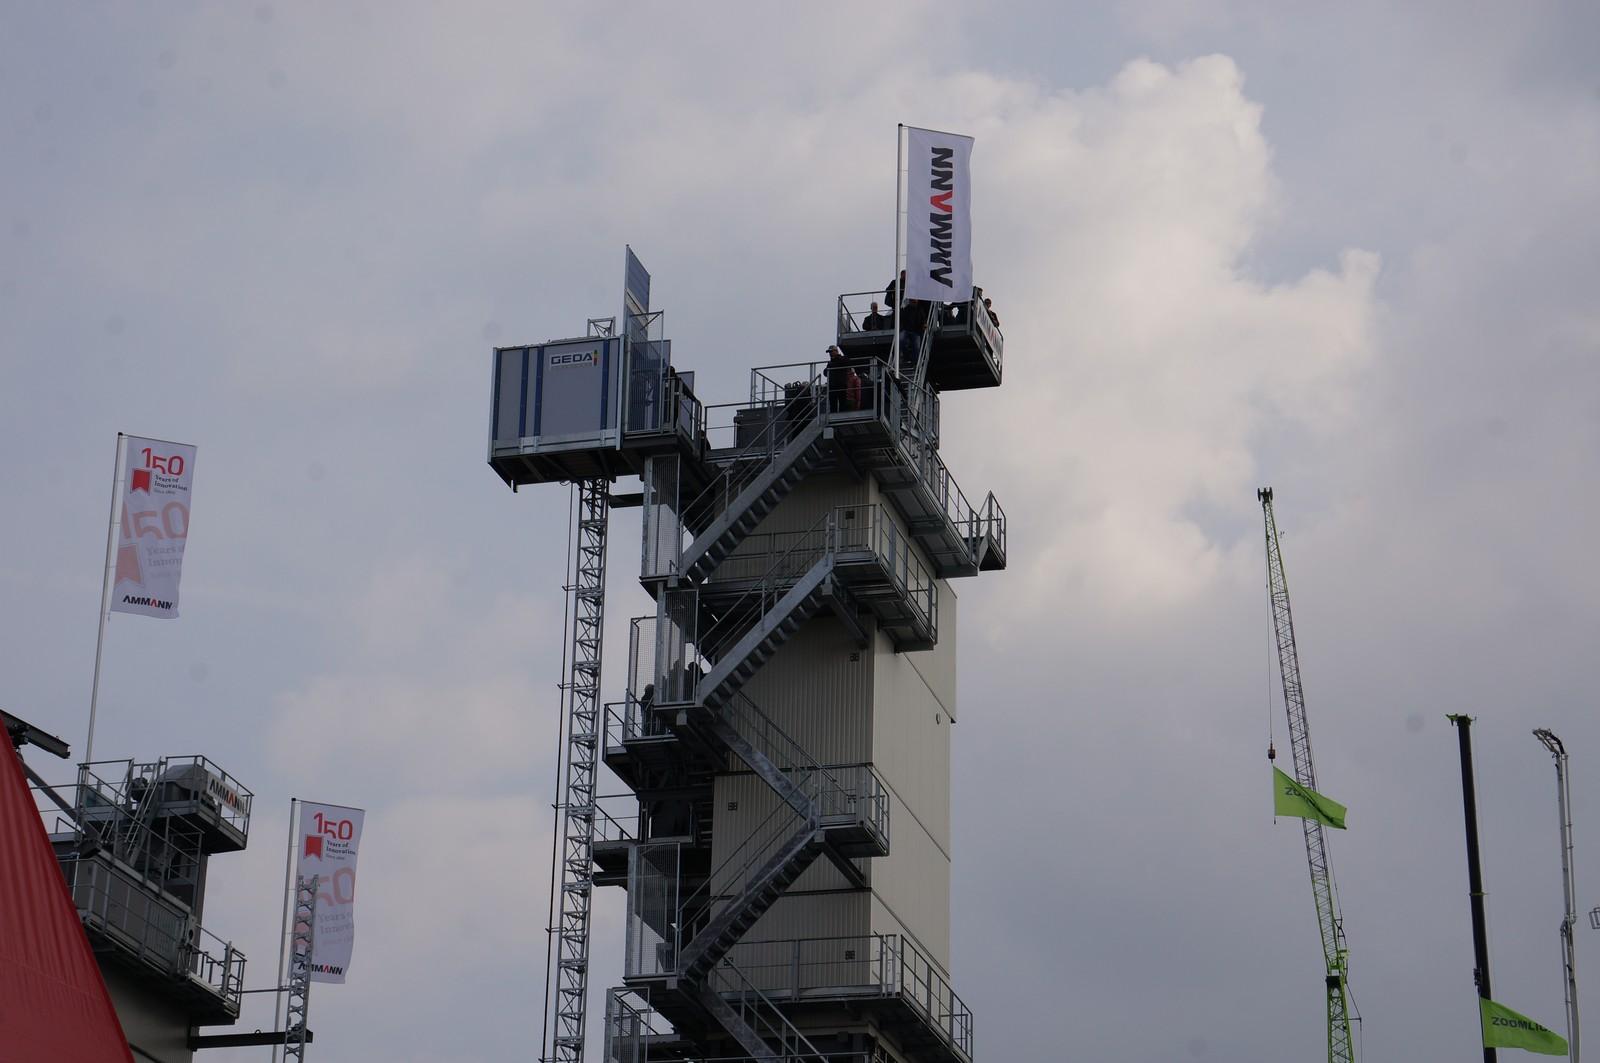 Die 44 m hohe Asphaltmischanlage von Ammann.